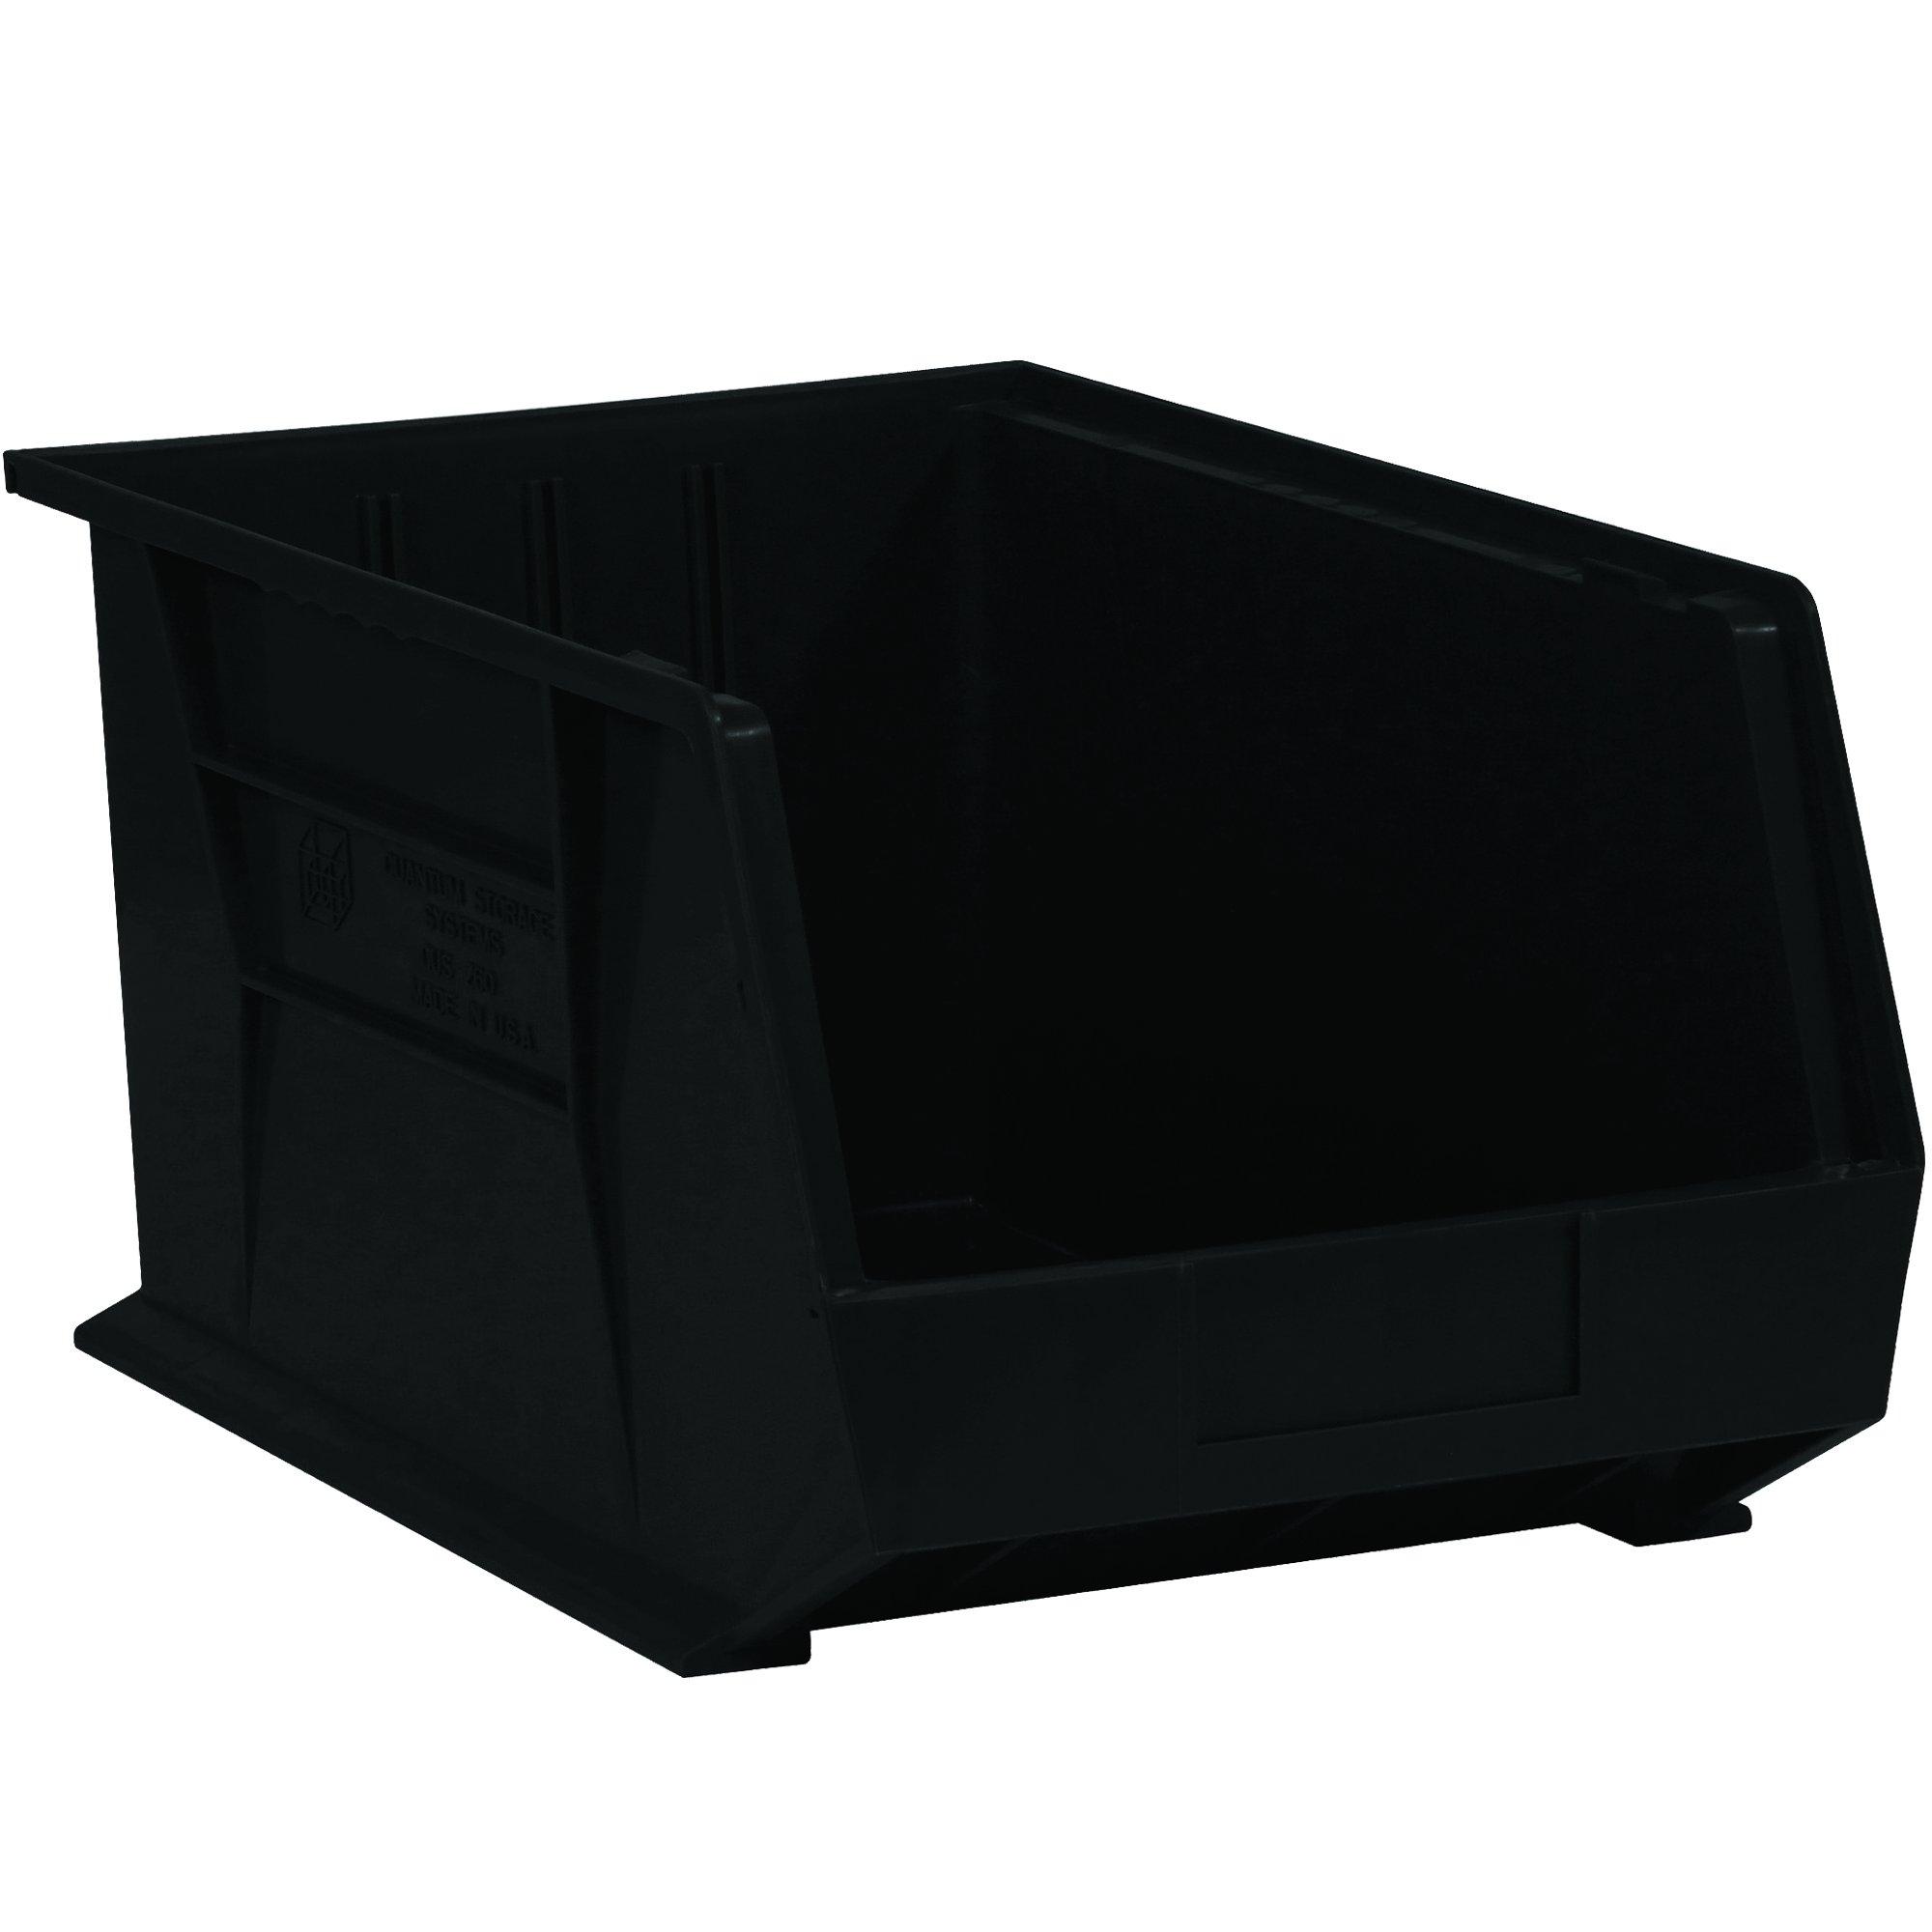 """Aviditi BINP0543K Plastic Stack and Hang Bin Boxes, 5 3/8"""" x 4 1/8"""" x 3"""", Black (Pack of 24)"""